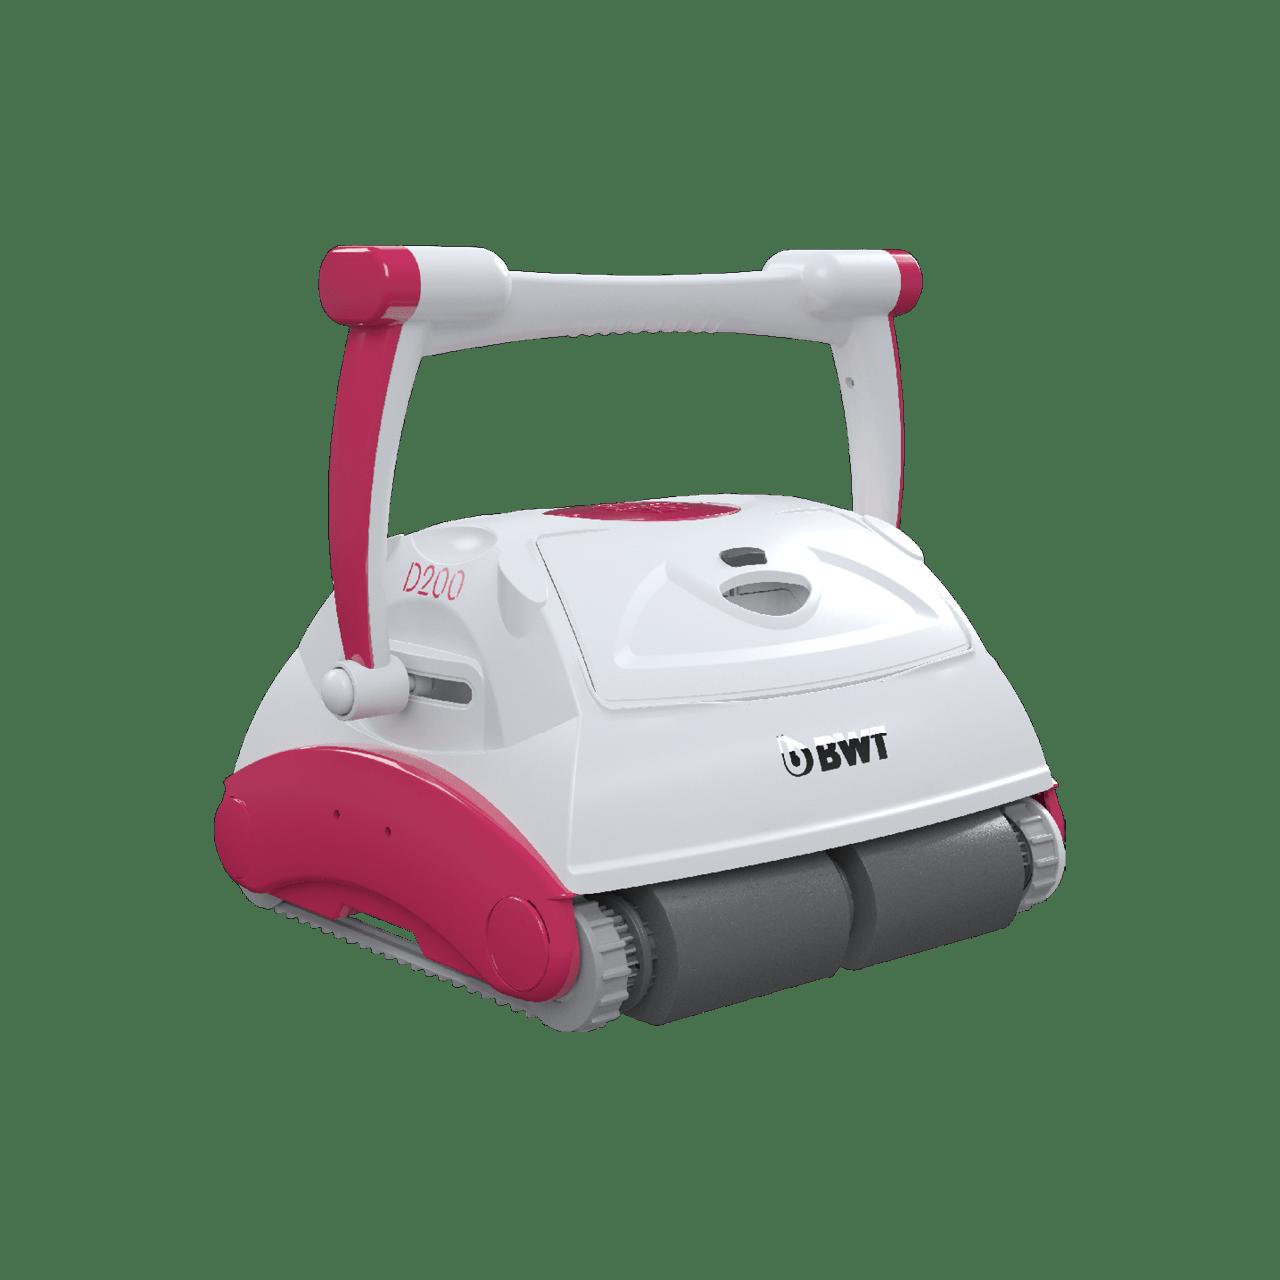 BWT Poolroboter D200  Boden-Wand-Wasserlinie